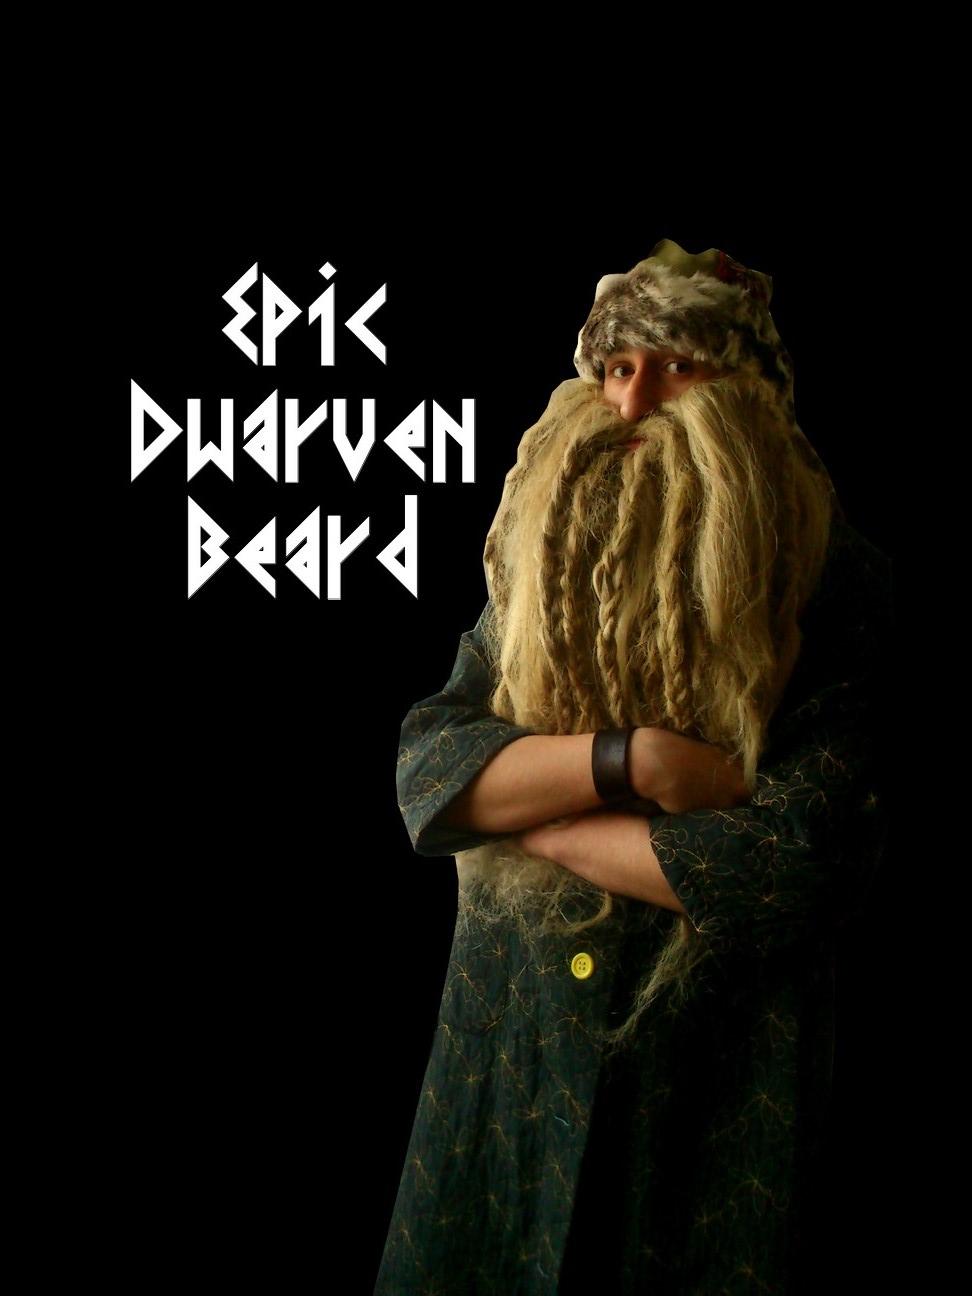 Dwarven beard